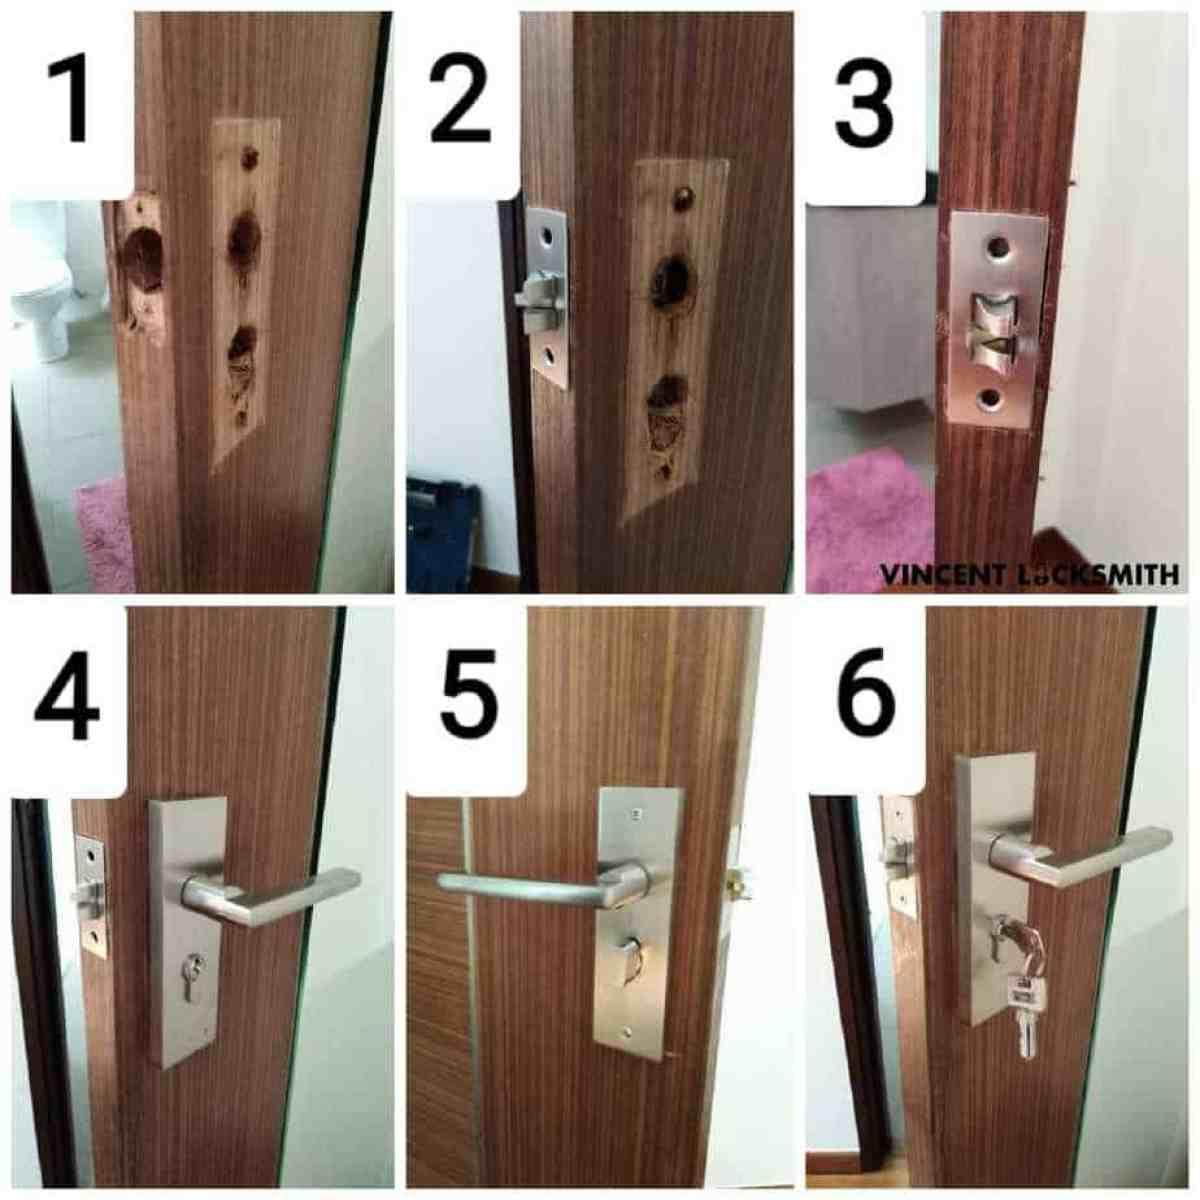 Replacement of toilet door lock